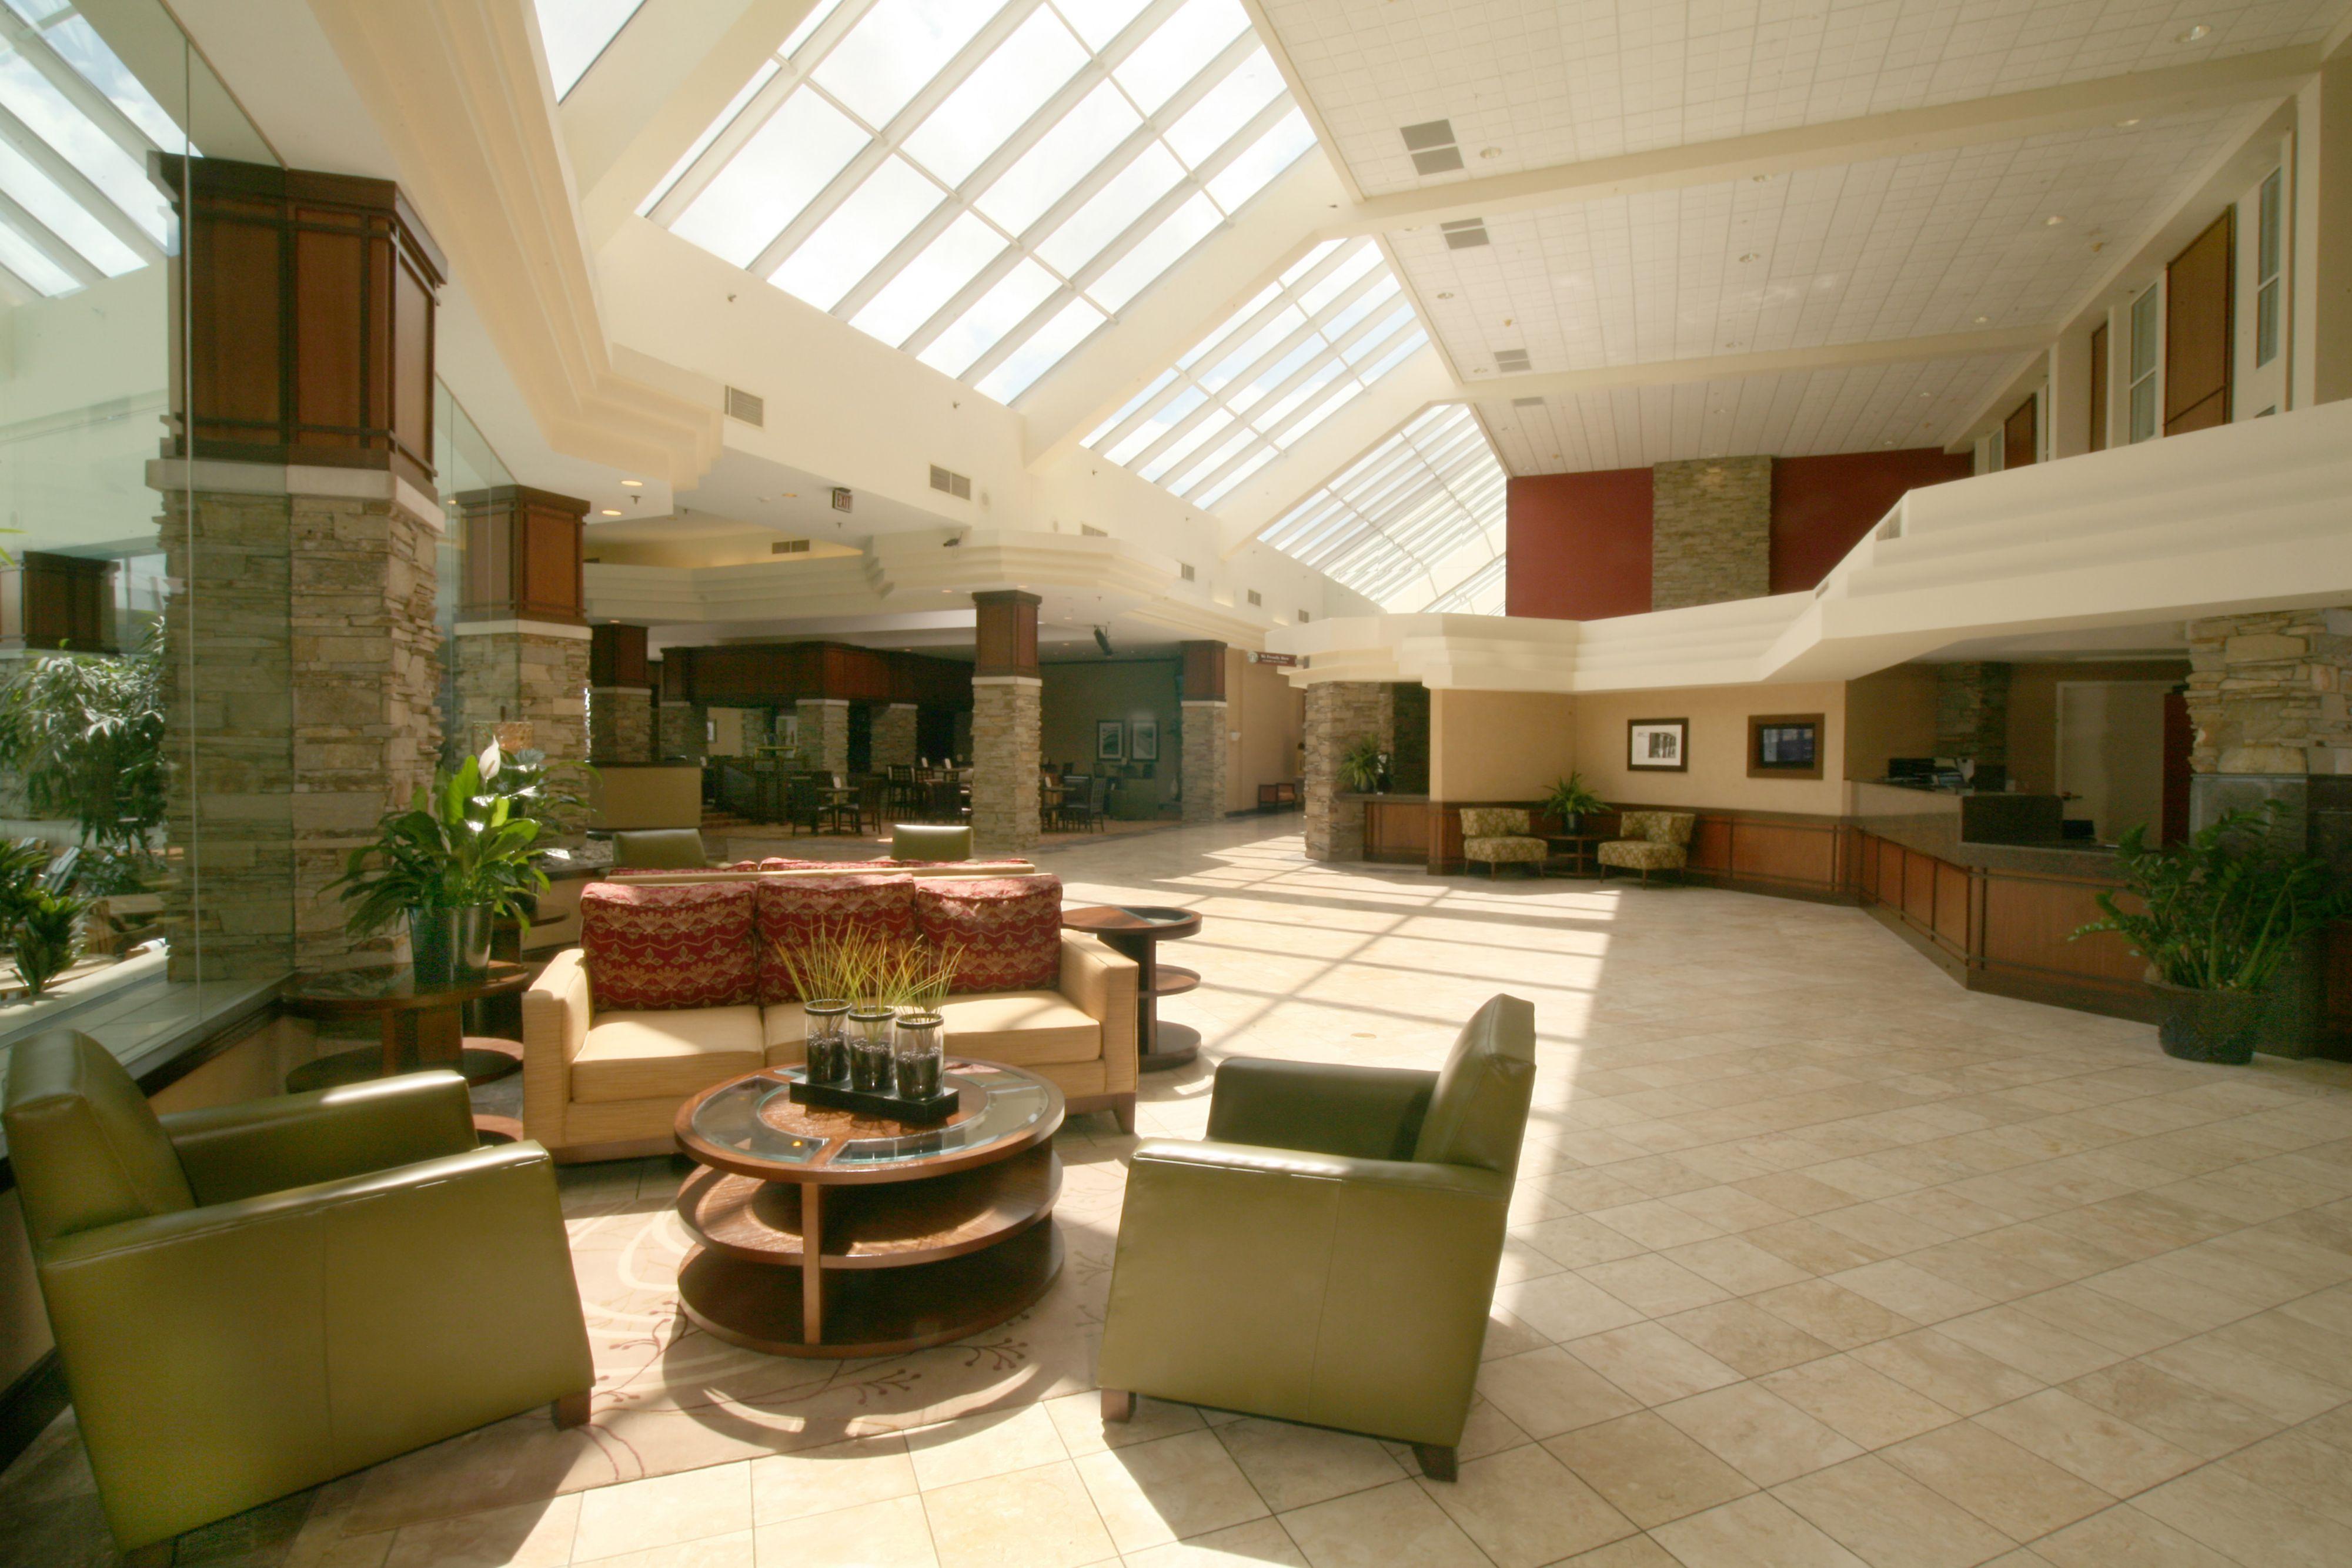 Crowne Plaza Madison image 4